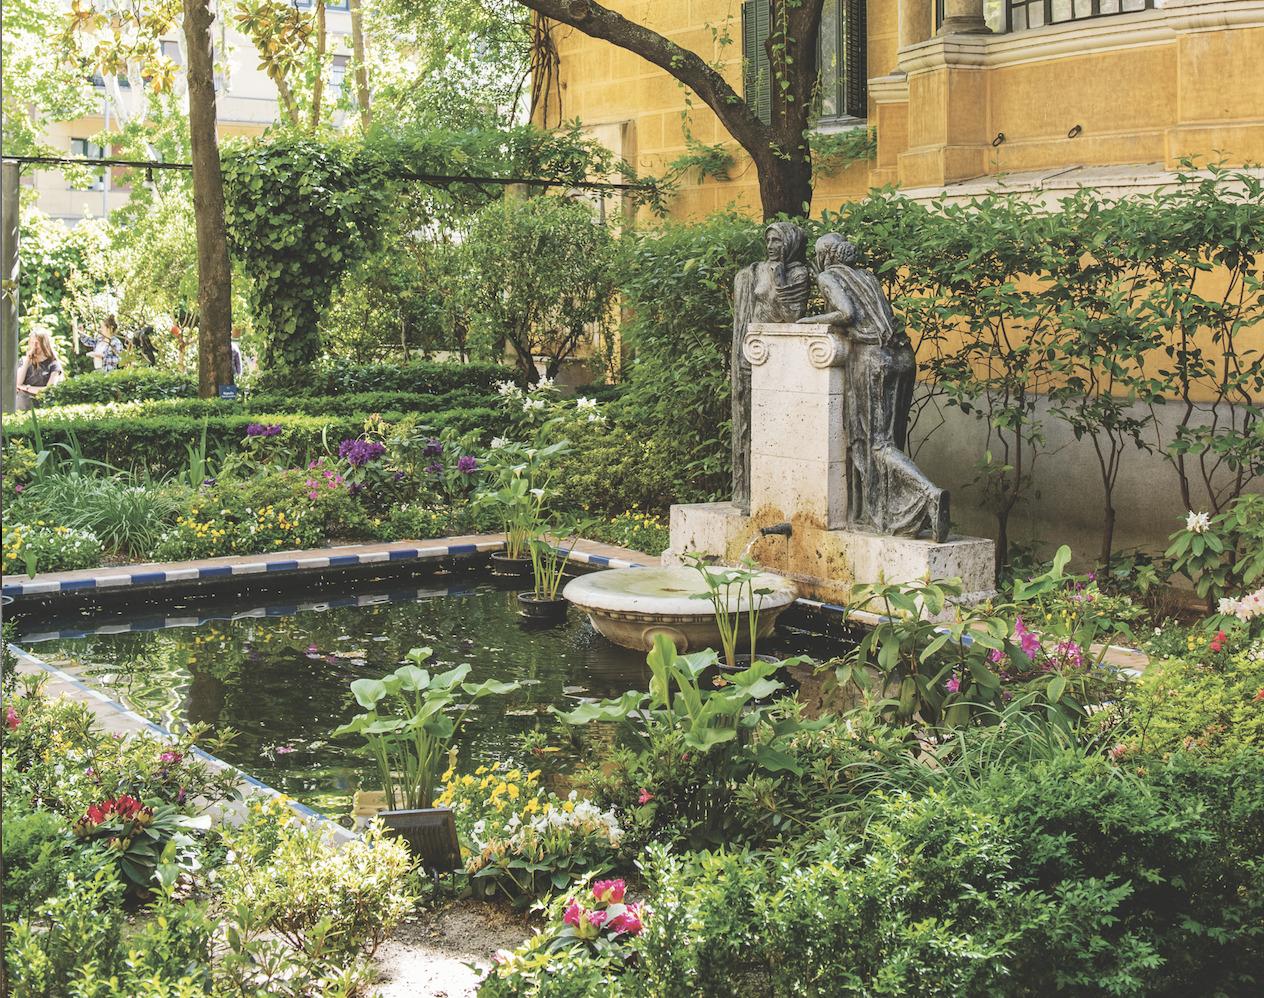 11 jardines secretos que tienes que descubrir